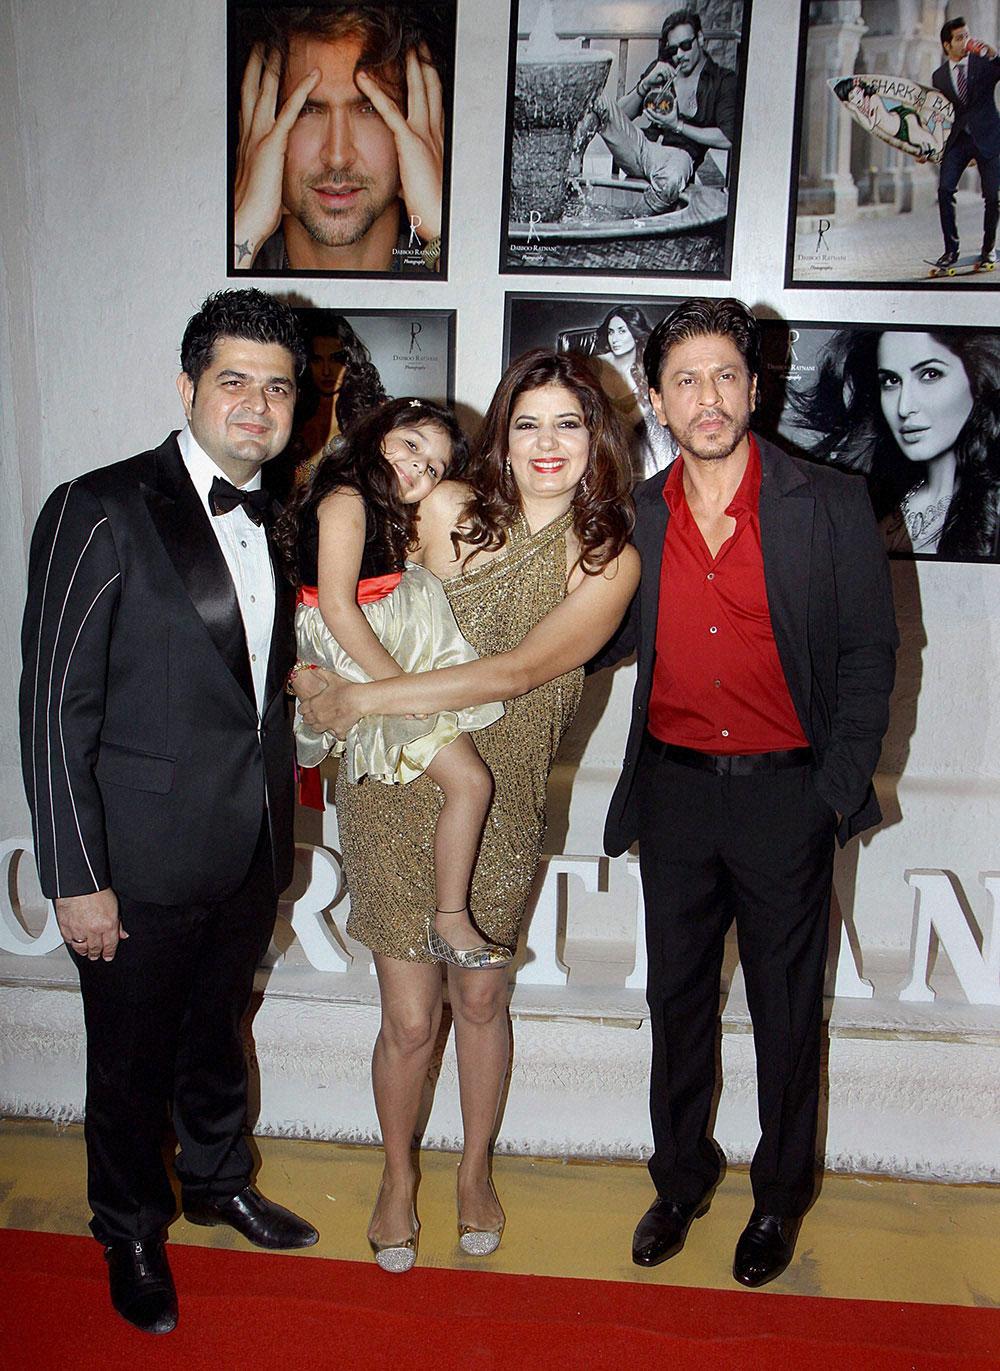 मुंबई : बांद्रा के ओलिव में फोटोग्राफर डब्बू रतनानी के सालाना बॉलीवुड कैलेंडर 2014 की लांचिंग के दौरान अभिनेता शाहरूख खान। साथ हैं डब्बू रतनानी और उनका परिवार। (फोटो सौजन्य : डीएनए)